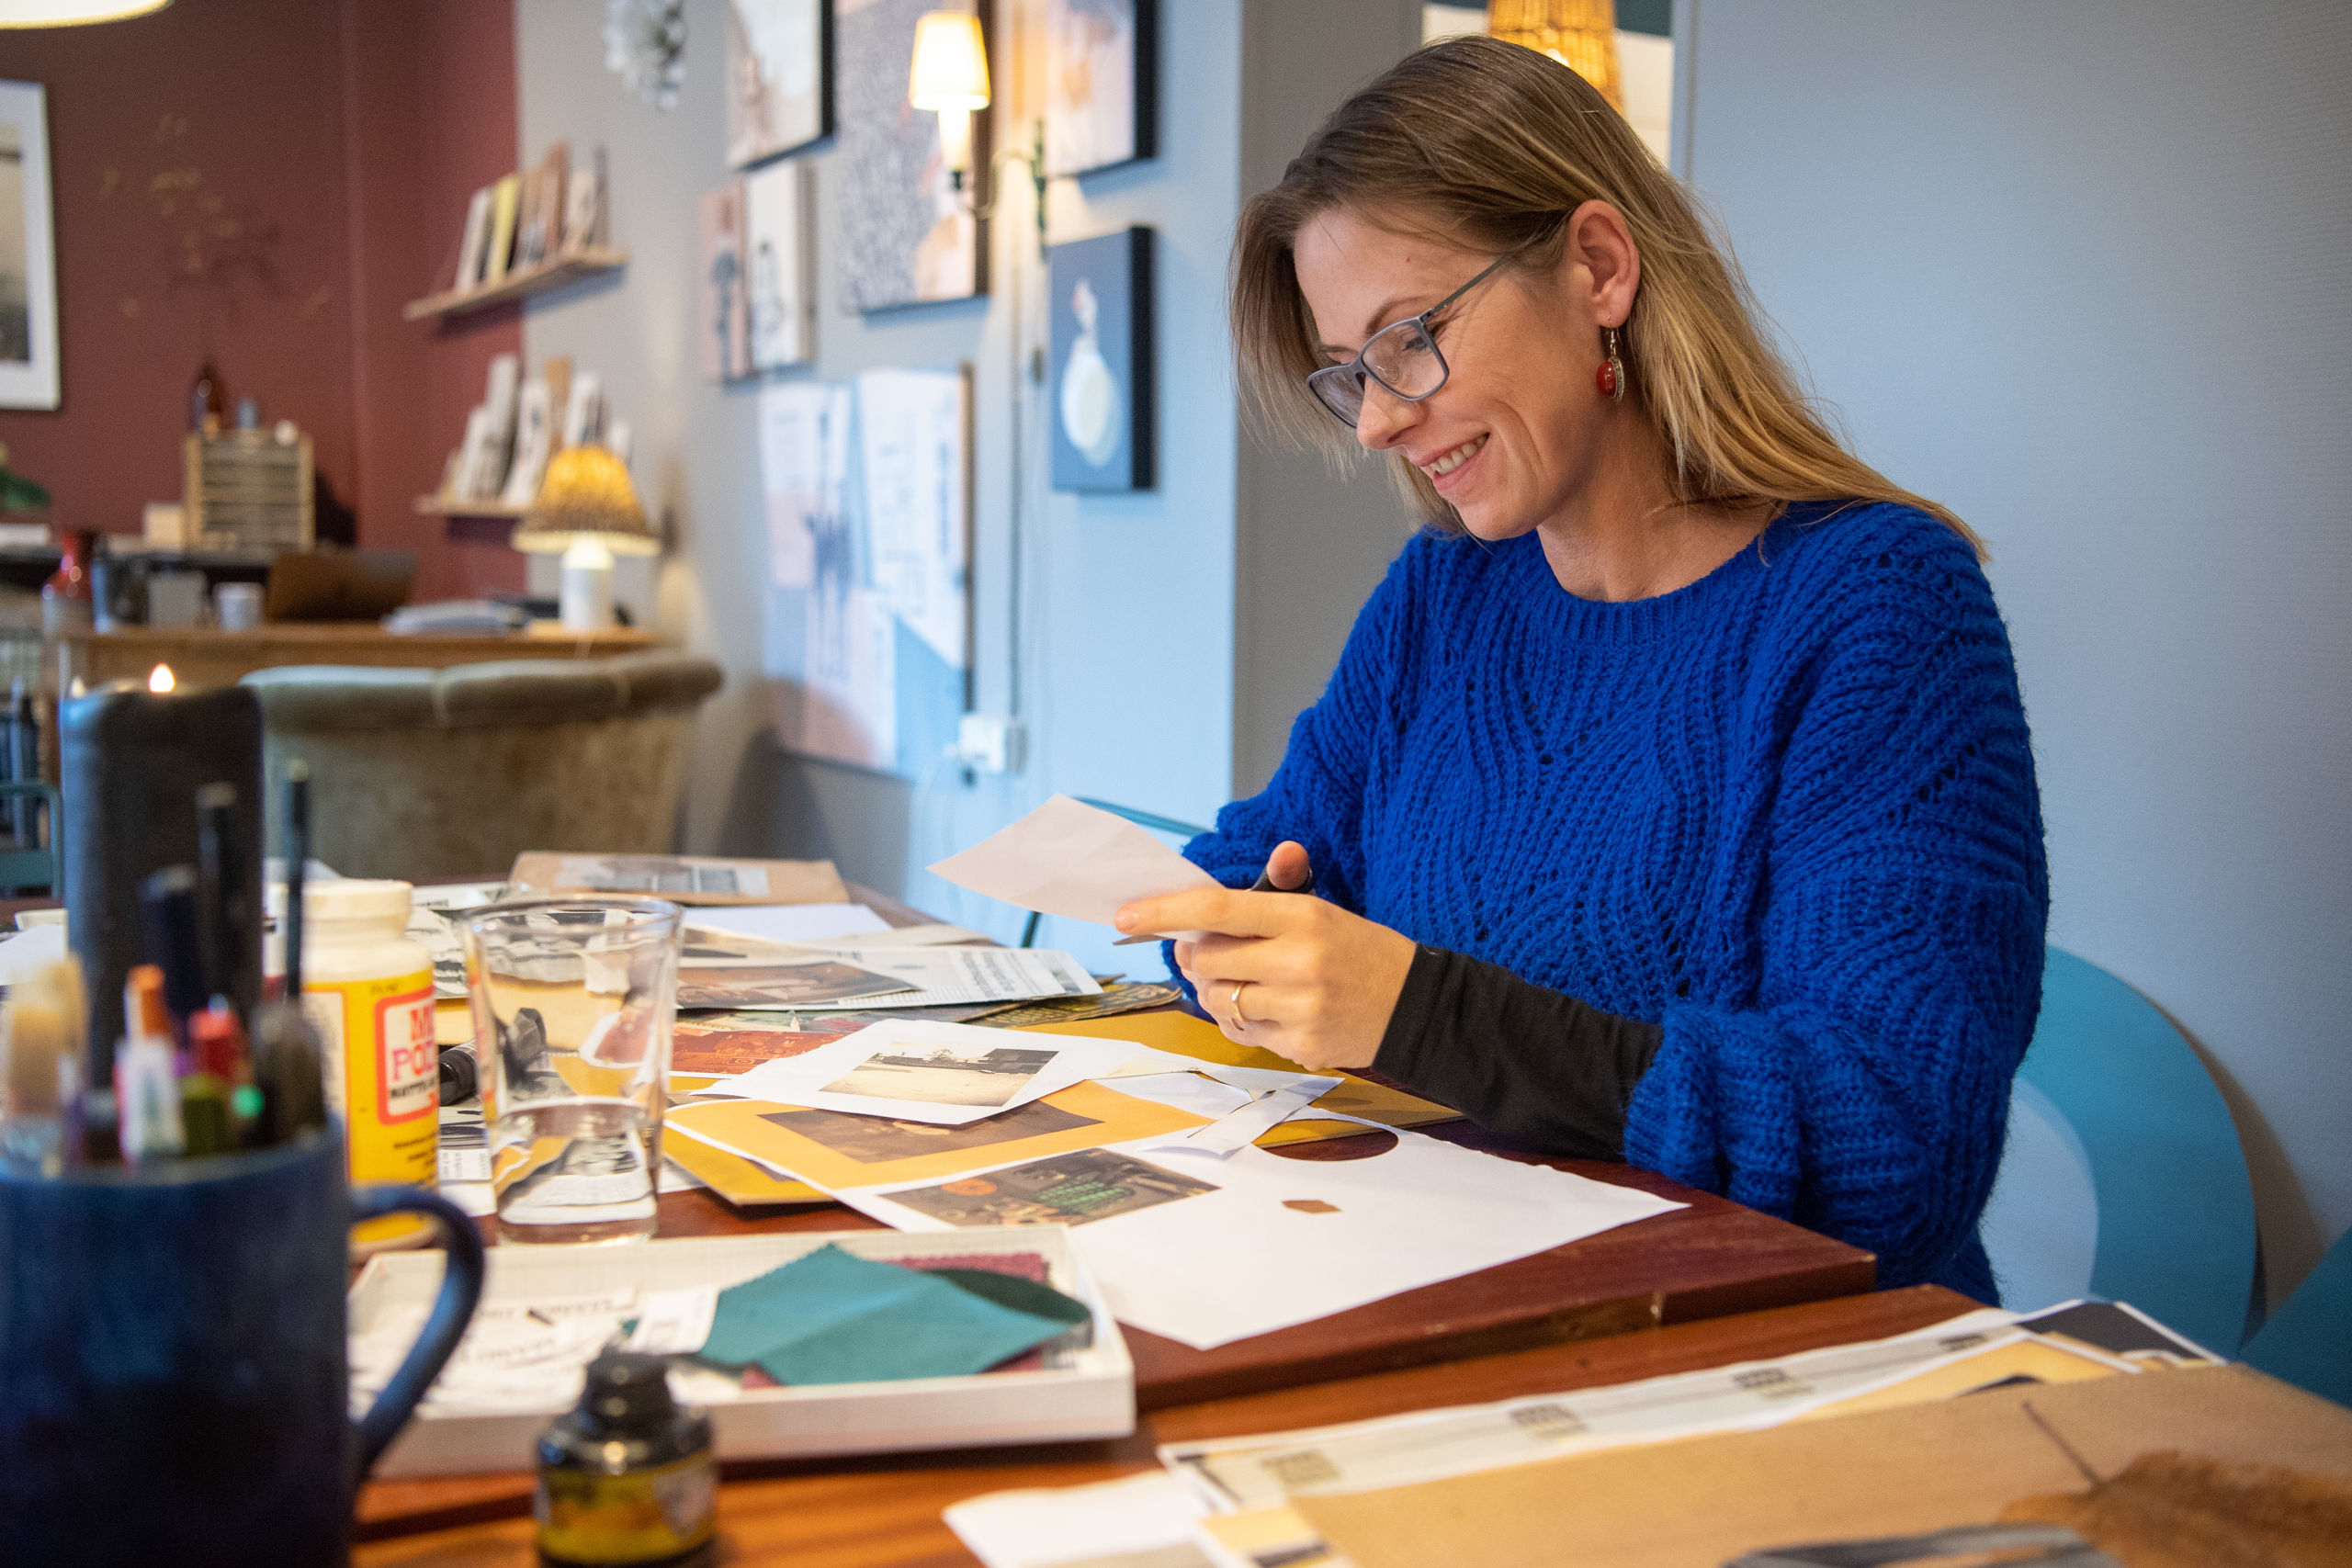 Der er planlagt to workshops i december. Foto: Kim Dahl